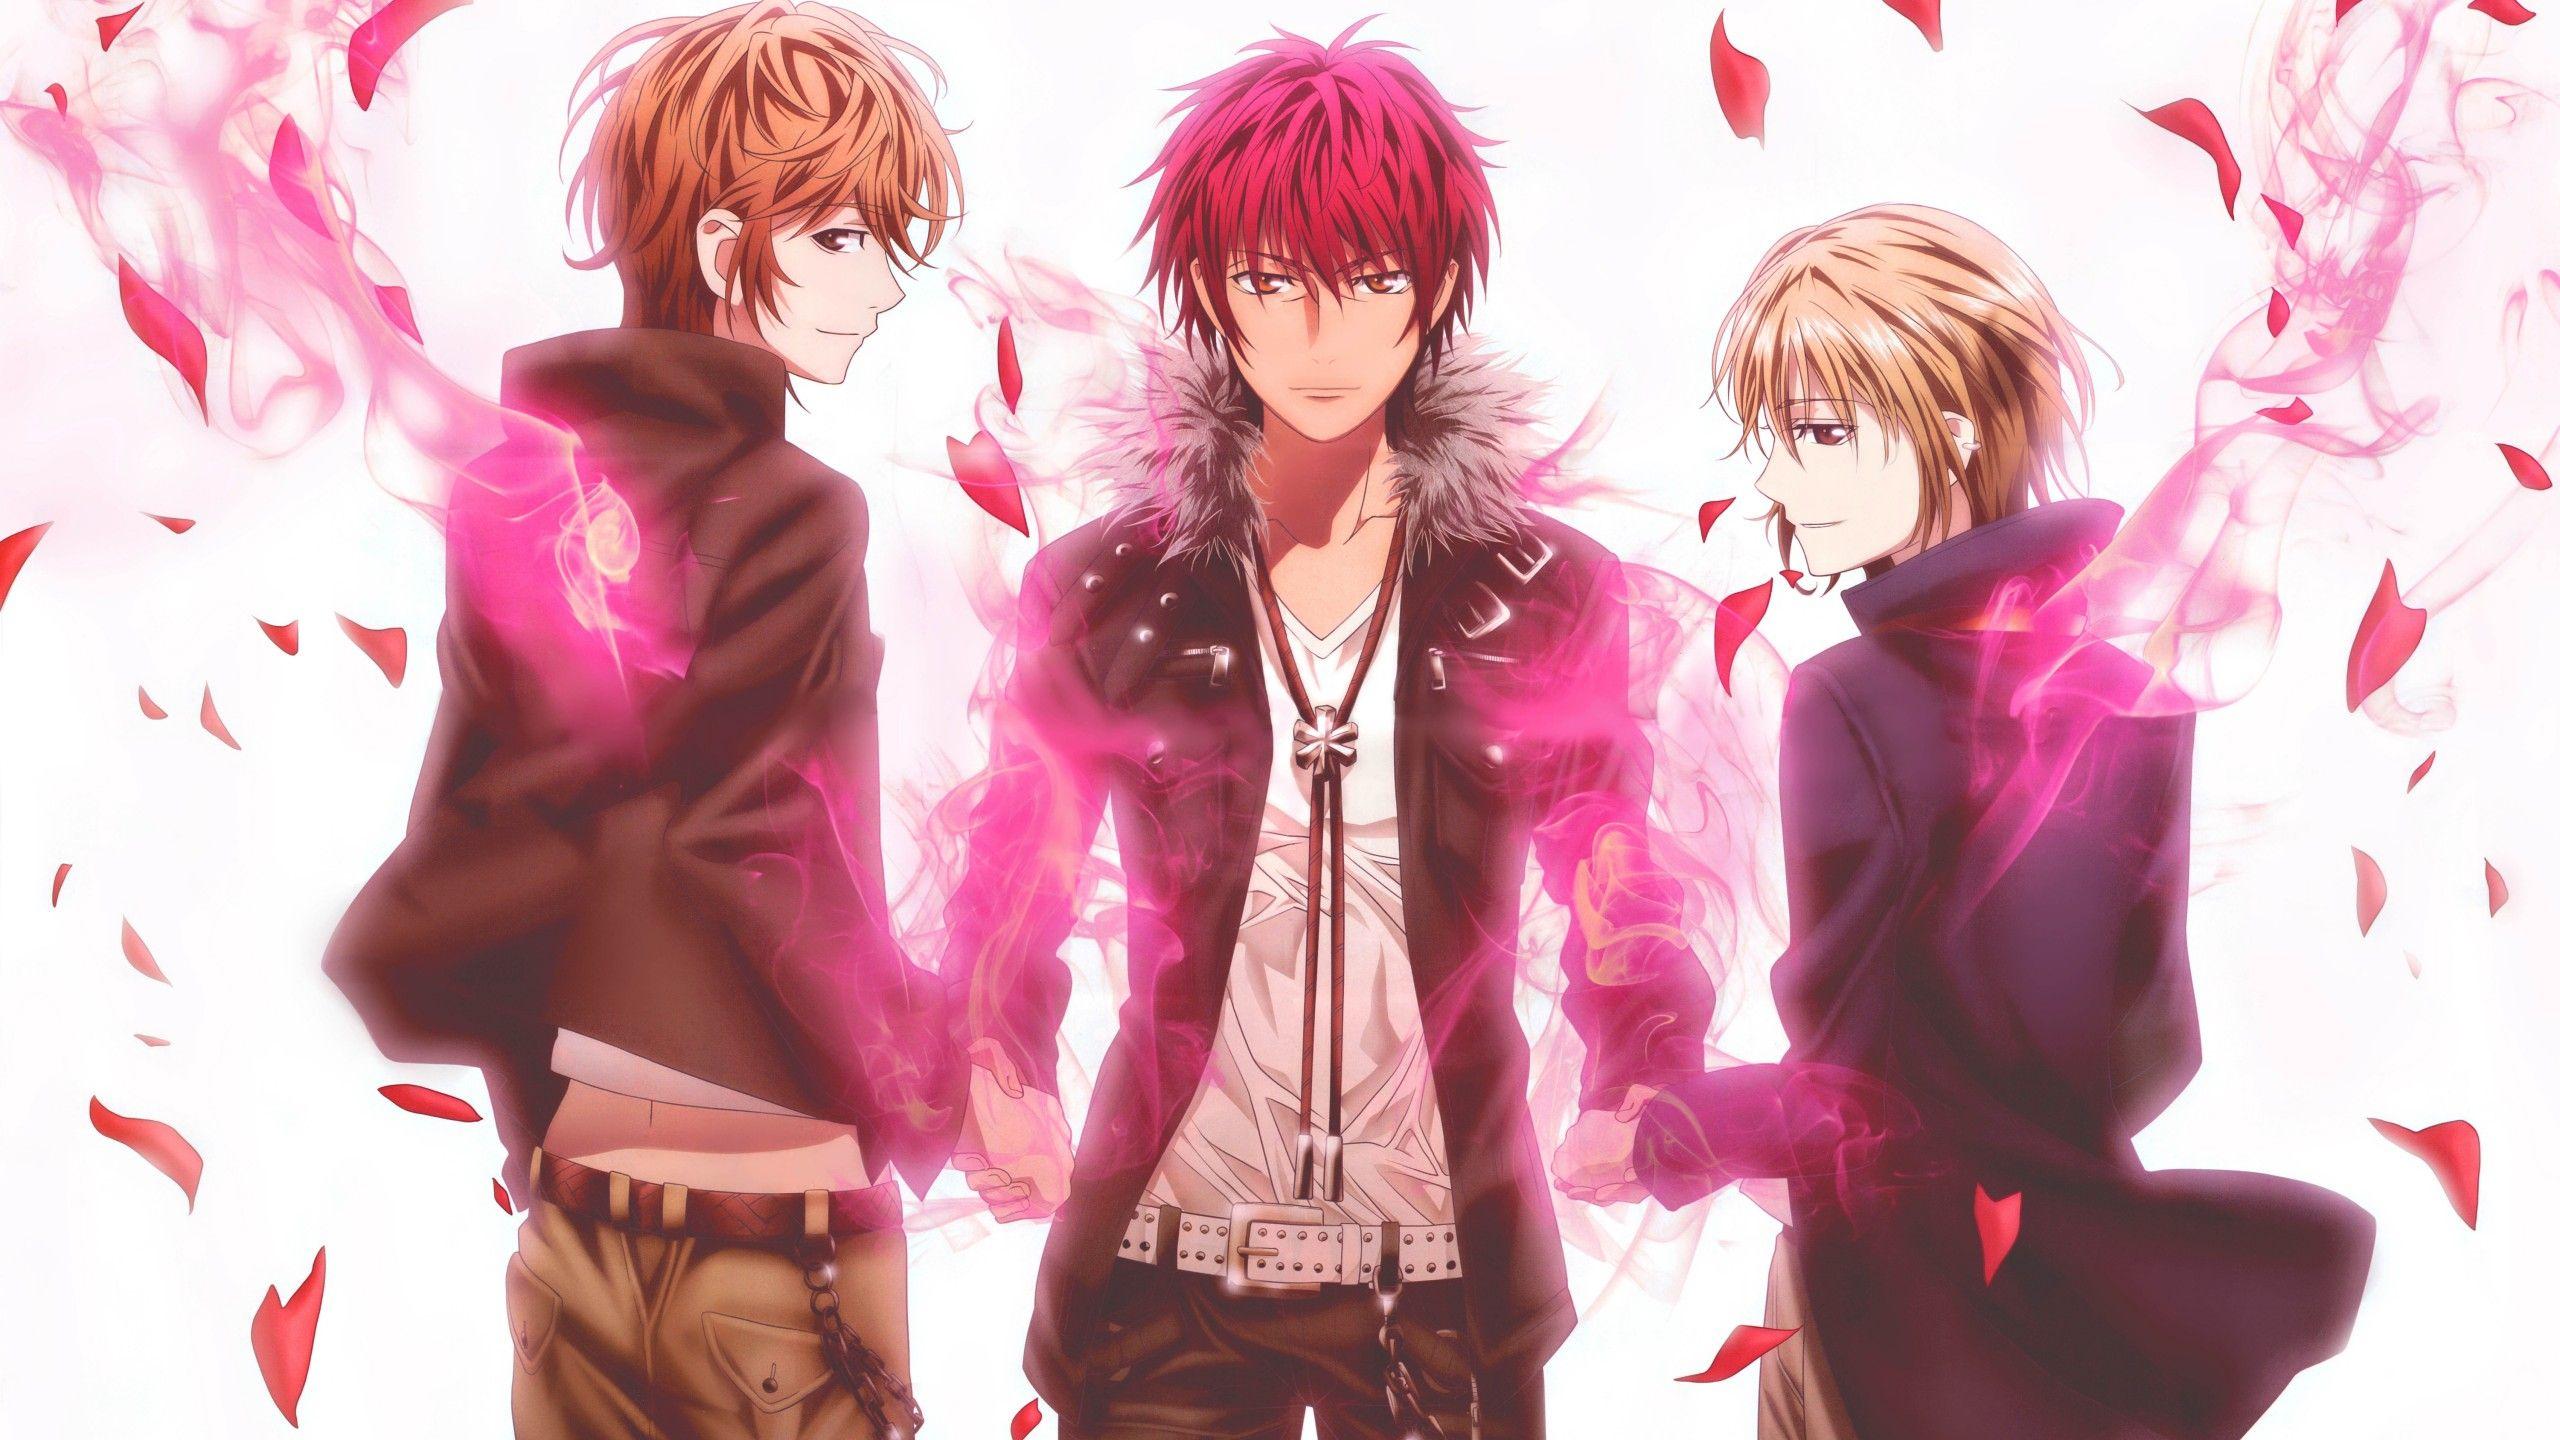 Anime 2560x1440 Anime Anime Boys K Project Suoh Mikoto Kusanagi Izumo Totsuka Tatara K Project Anime K Project Anime